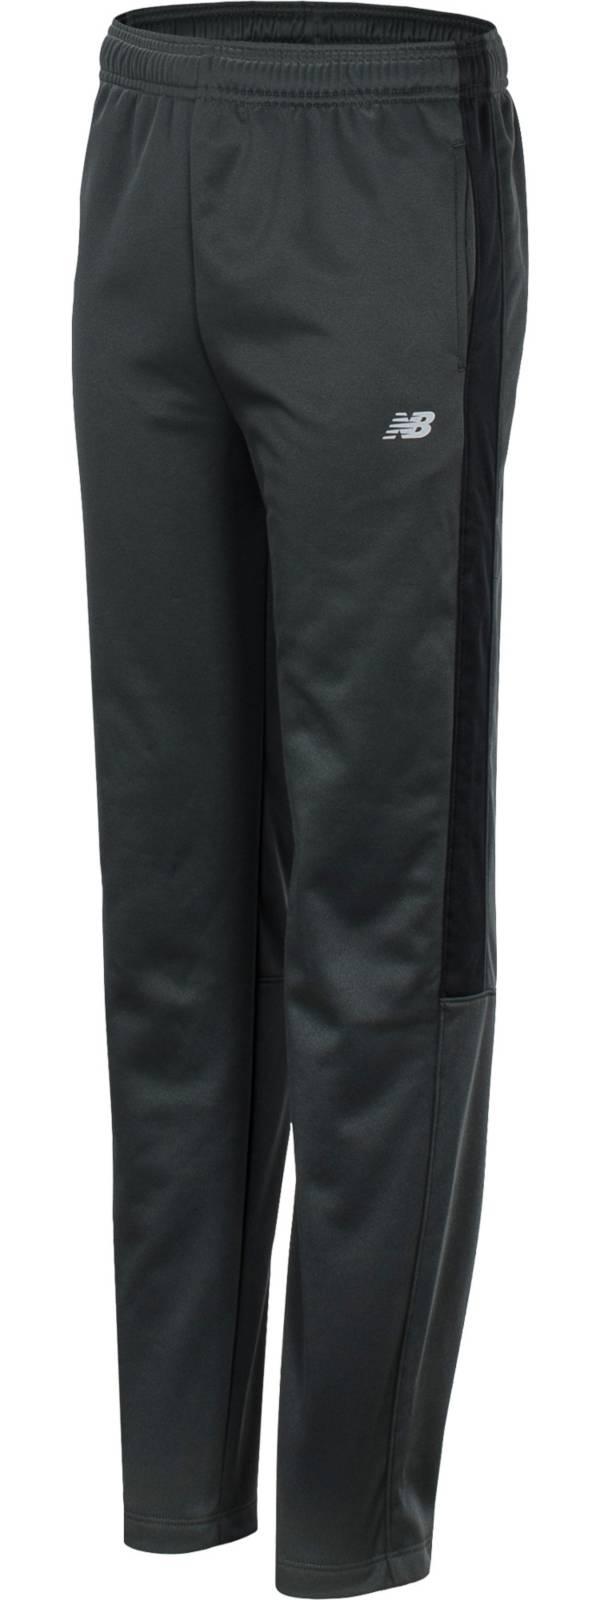 New Balance Boy's Athletic Pants product image